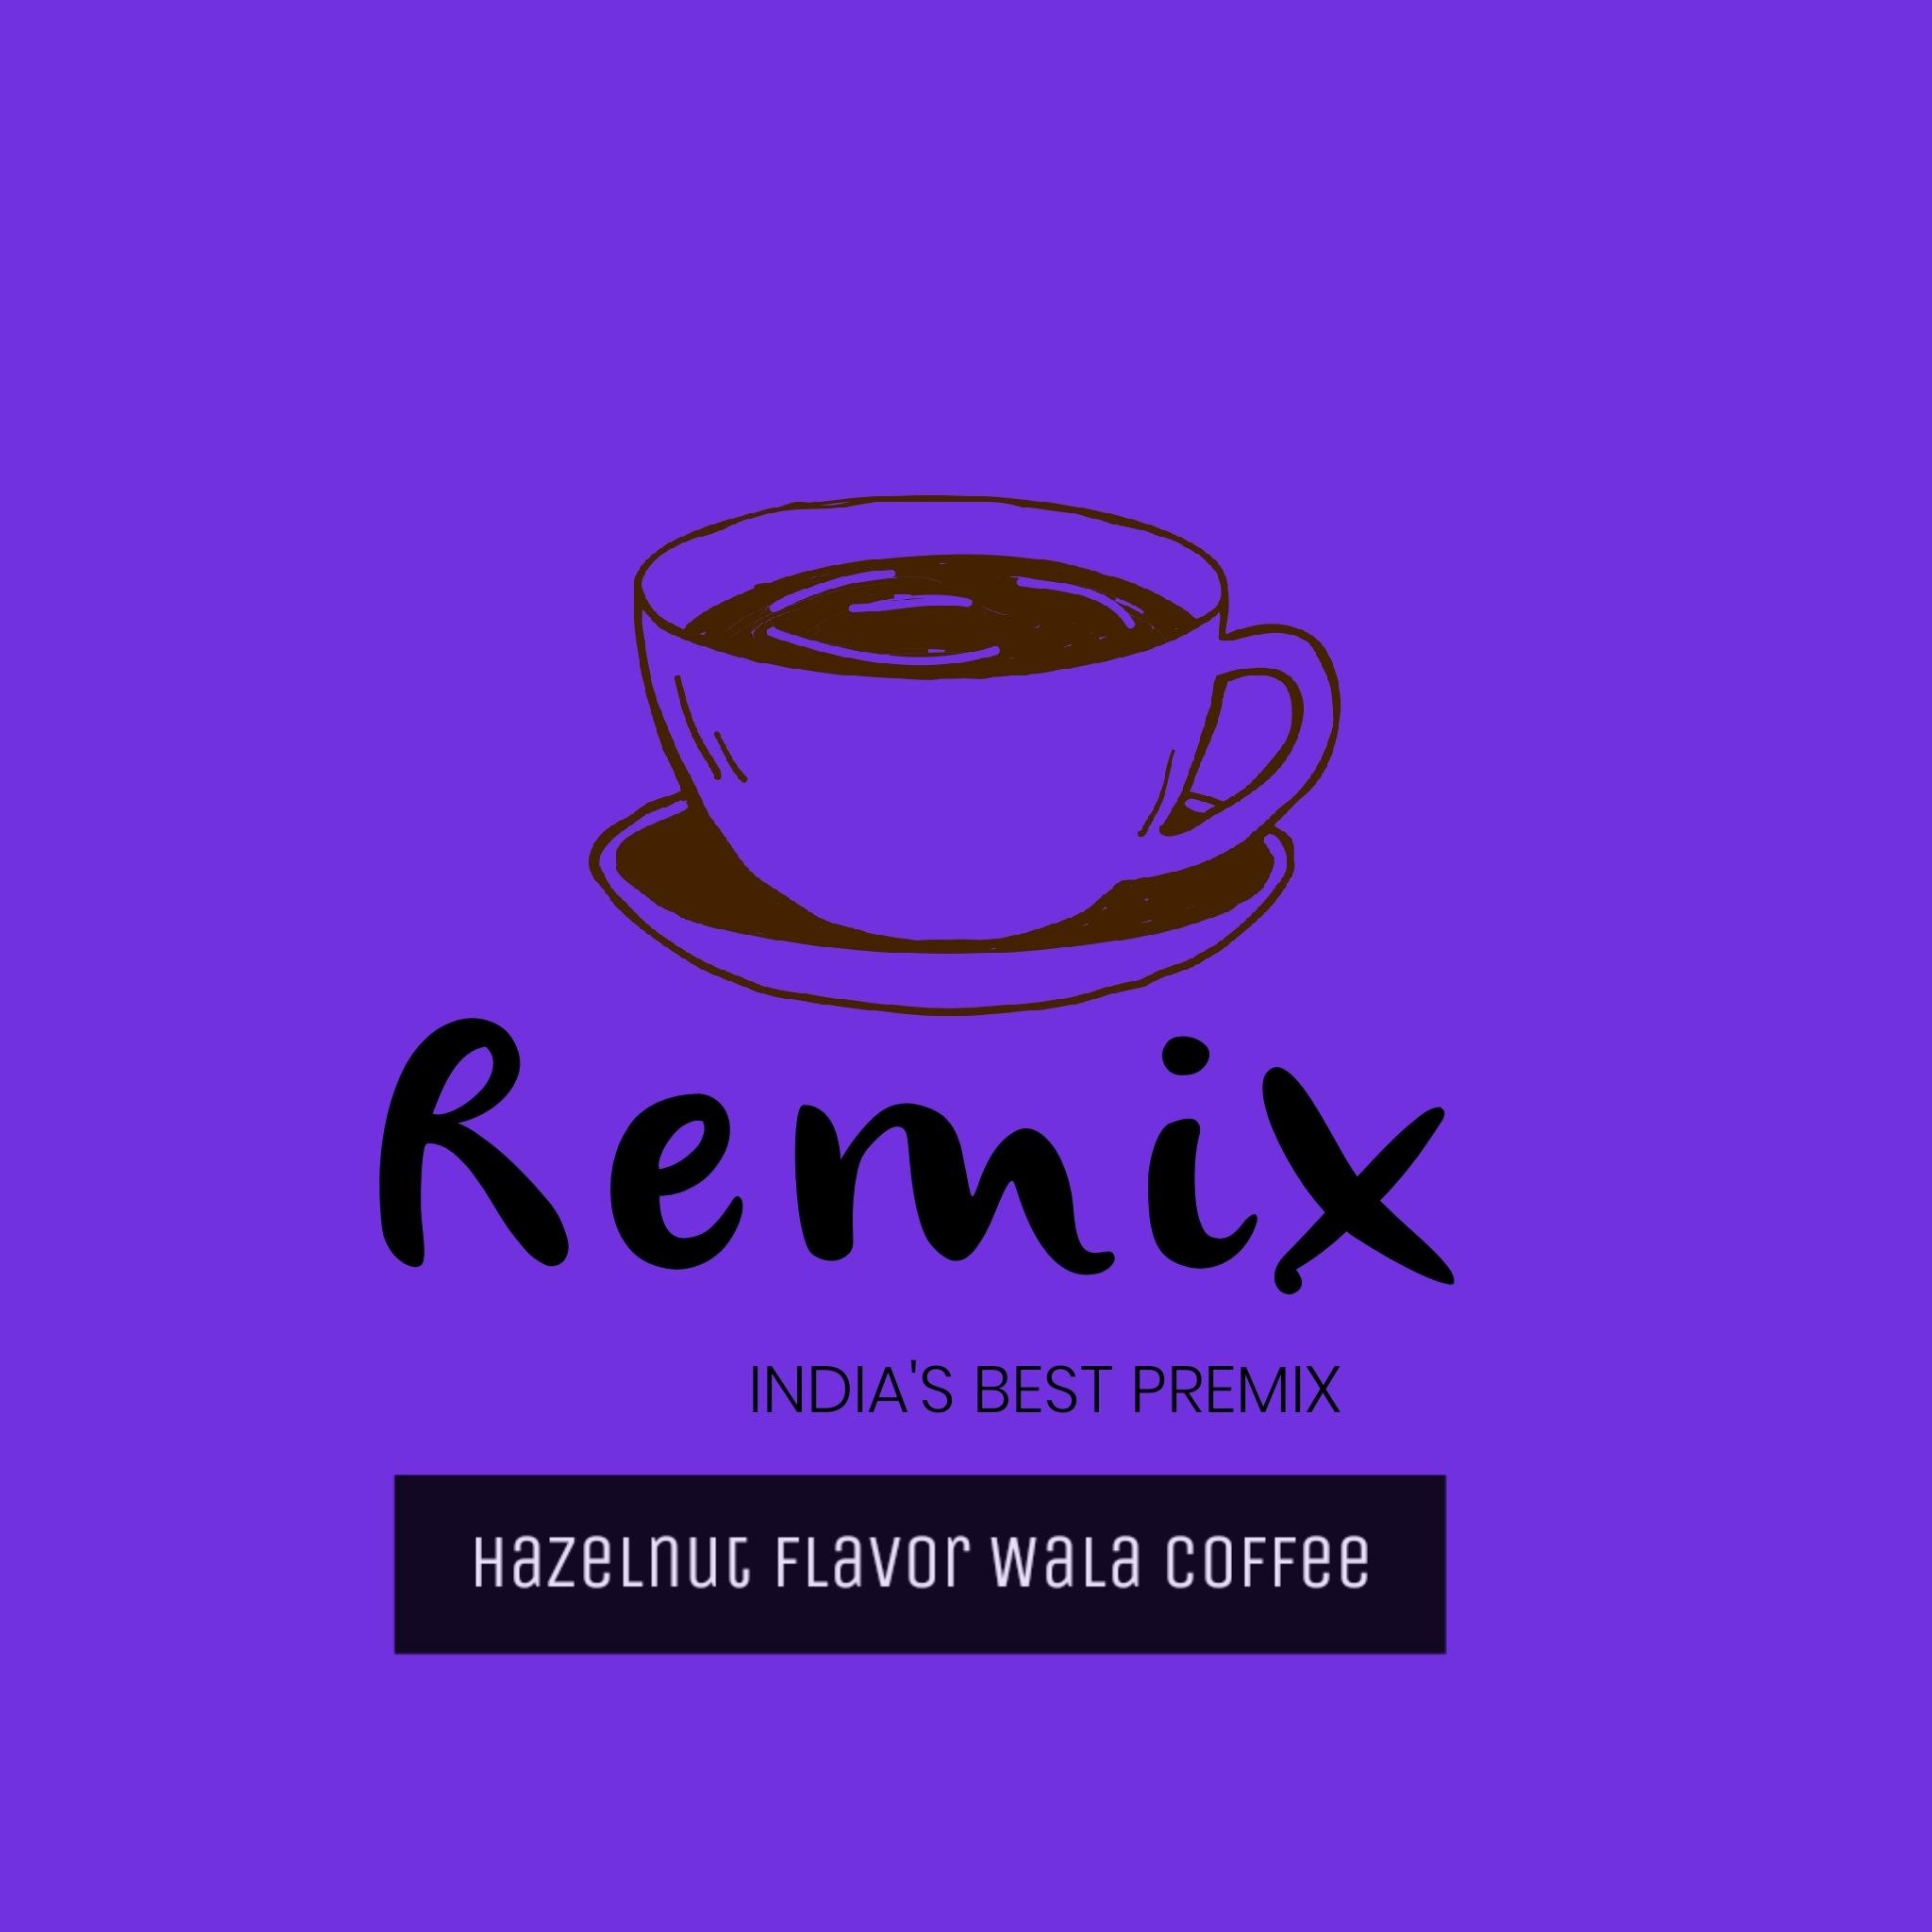 HAZELNUT FLAVOR WALA COFFEE BY REMIX